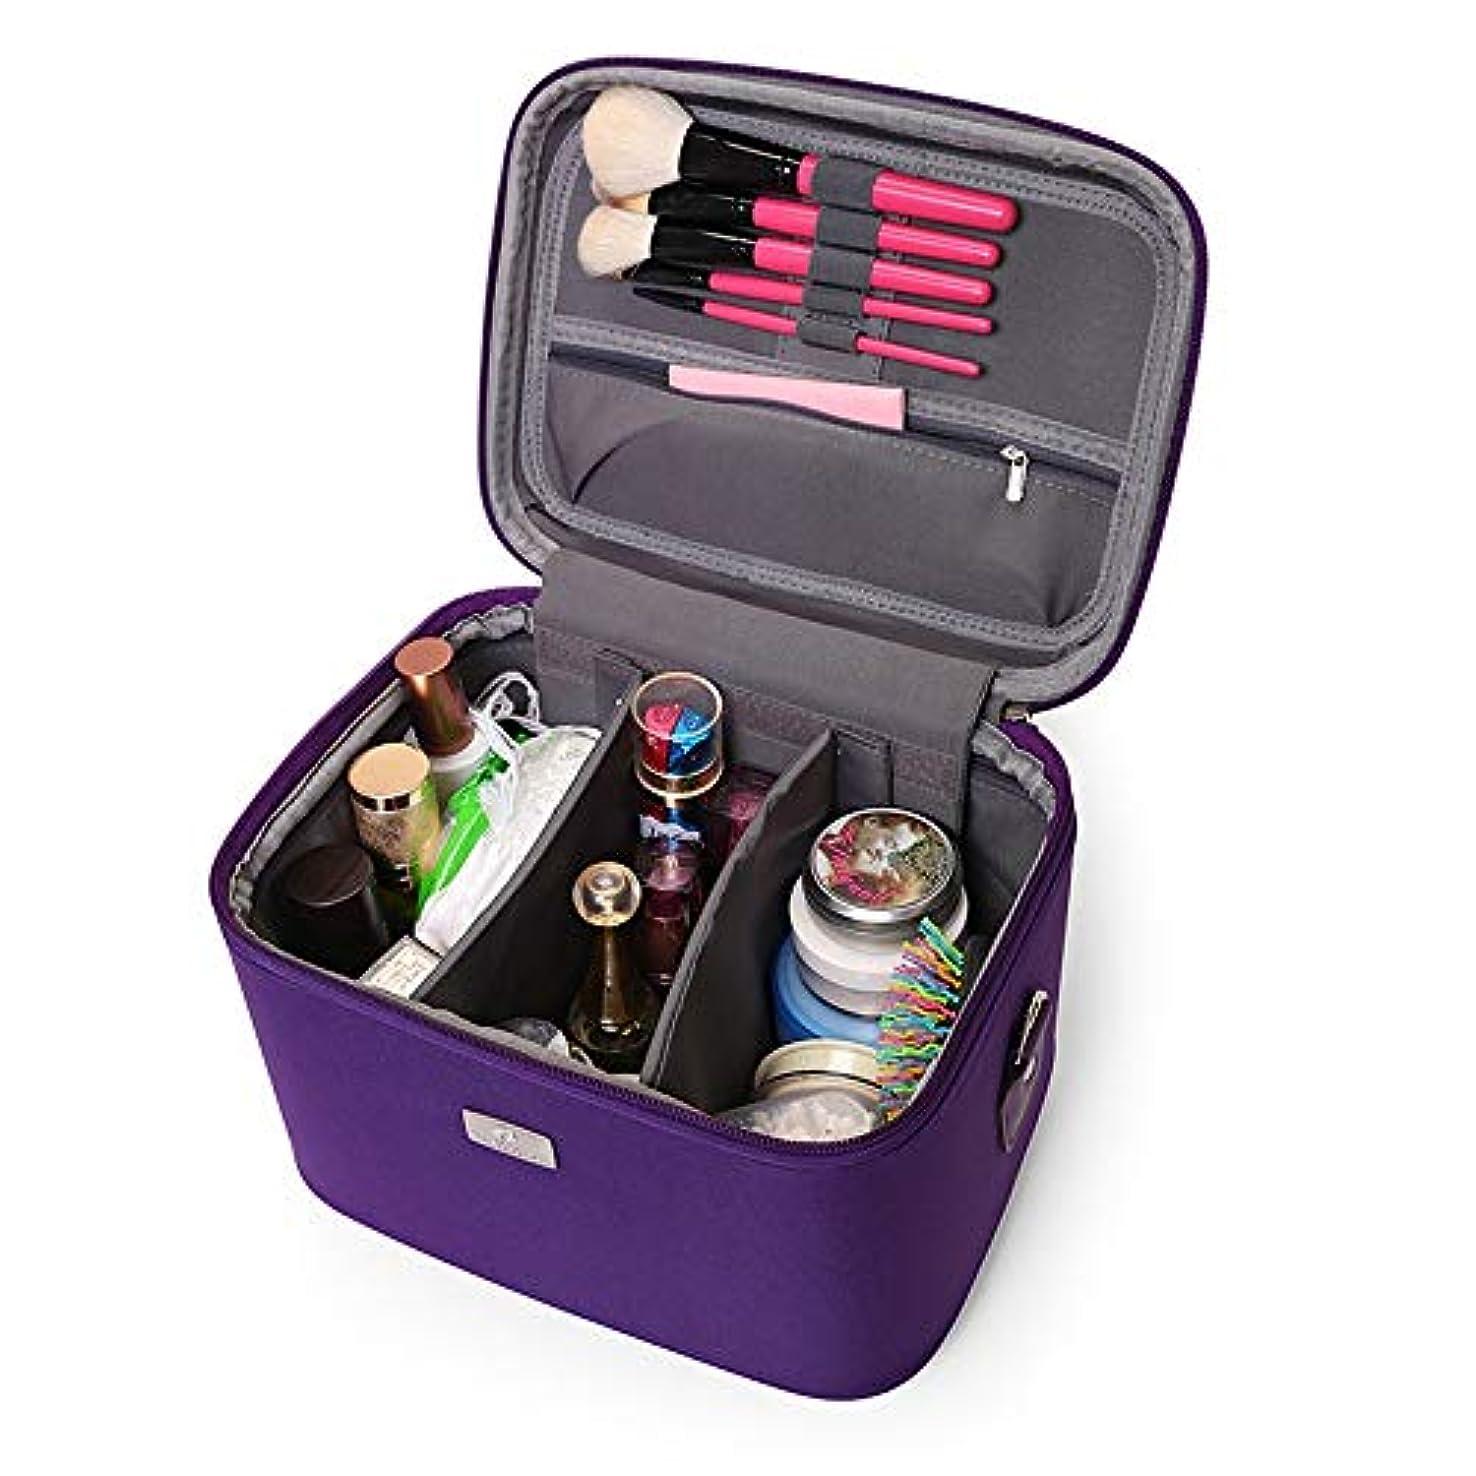 解決力学協同化粧オーガナイザーバッグ 14インチのメイクアップトラベルバッグPUレター防水化粧ケースのティーン女の子の女性アーティスト 化粧品ケース (色 : 紫の)